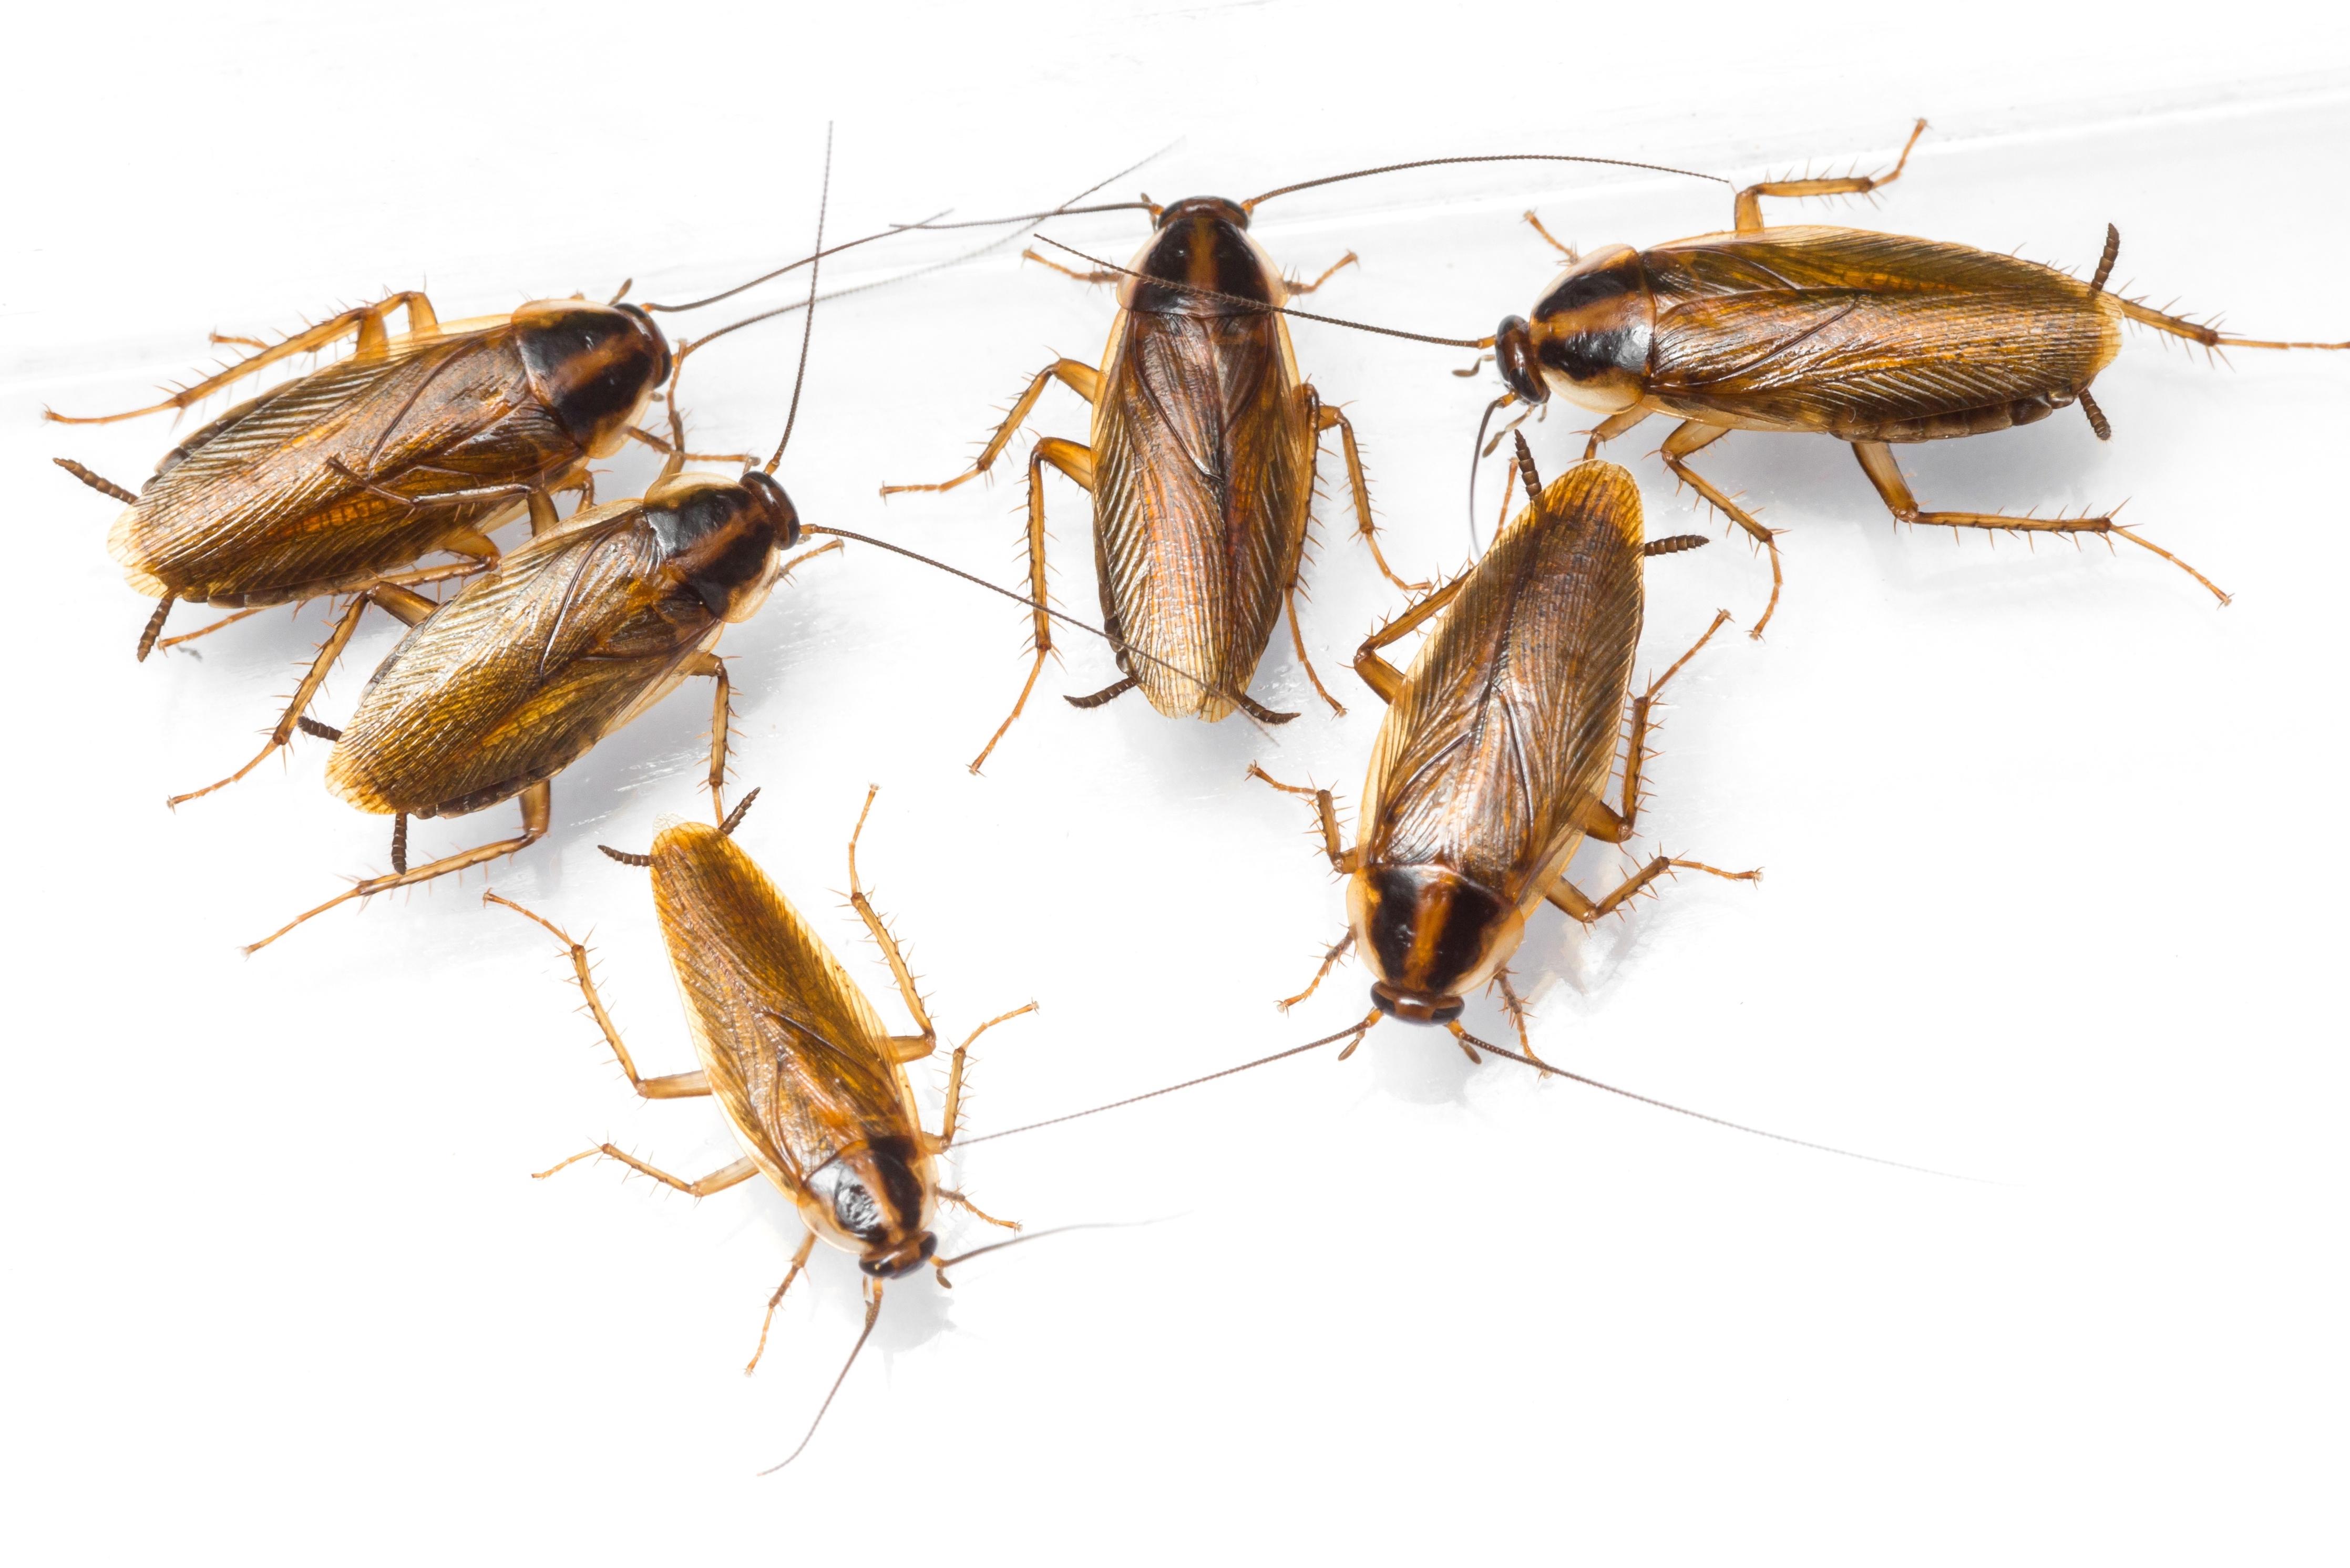 Domowy Sposób Na Mrówki Karaluchy Pająki I Inne Robaki W Naszych